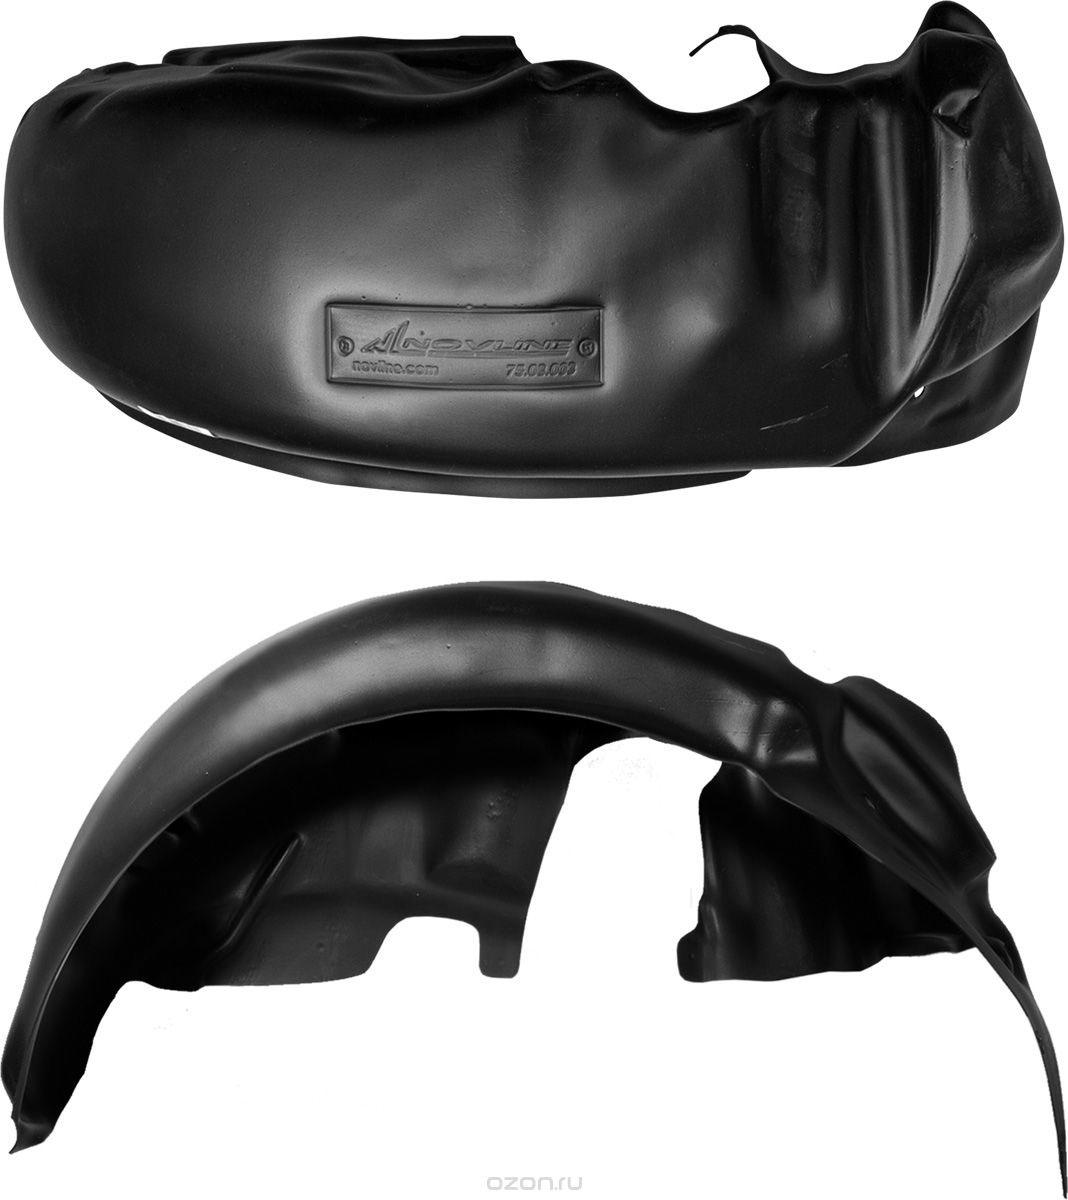 Подкрылок Novline-Autofamily, для Kia Rio III, 2005-2010, задний левыйNLL.25.02.003Идеальная защита колесной ниши. Локеры разработаны с применением цифровых технологий, гарантируют максимальную повторяемость поверхности арки. Изделия устанавливаются без нарушения лакокрасочного покрытия автомобиля, каждый подкрылок комплектуется крепежом. Уважаемые клиенты, обращаем ваше внимание, что фотографии на подкрылки универсальные и не отражают реальную форму изделия. При этом само изделие идет точно под размер указанного автомобиля.